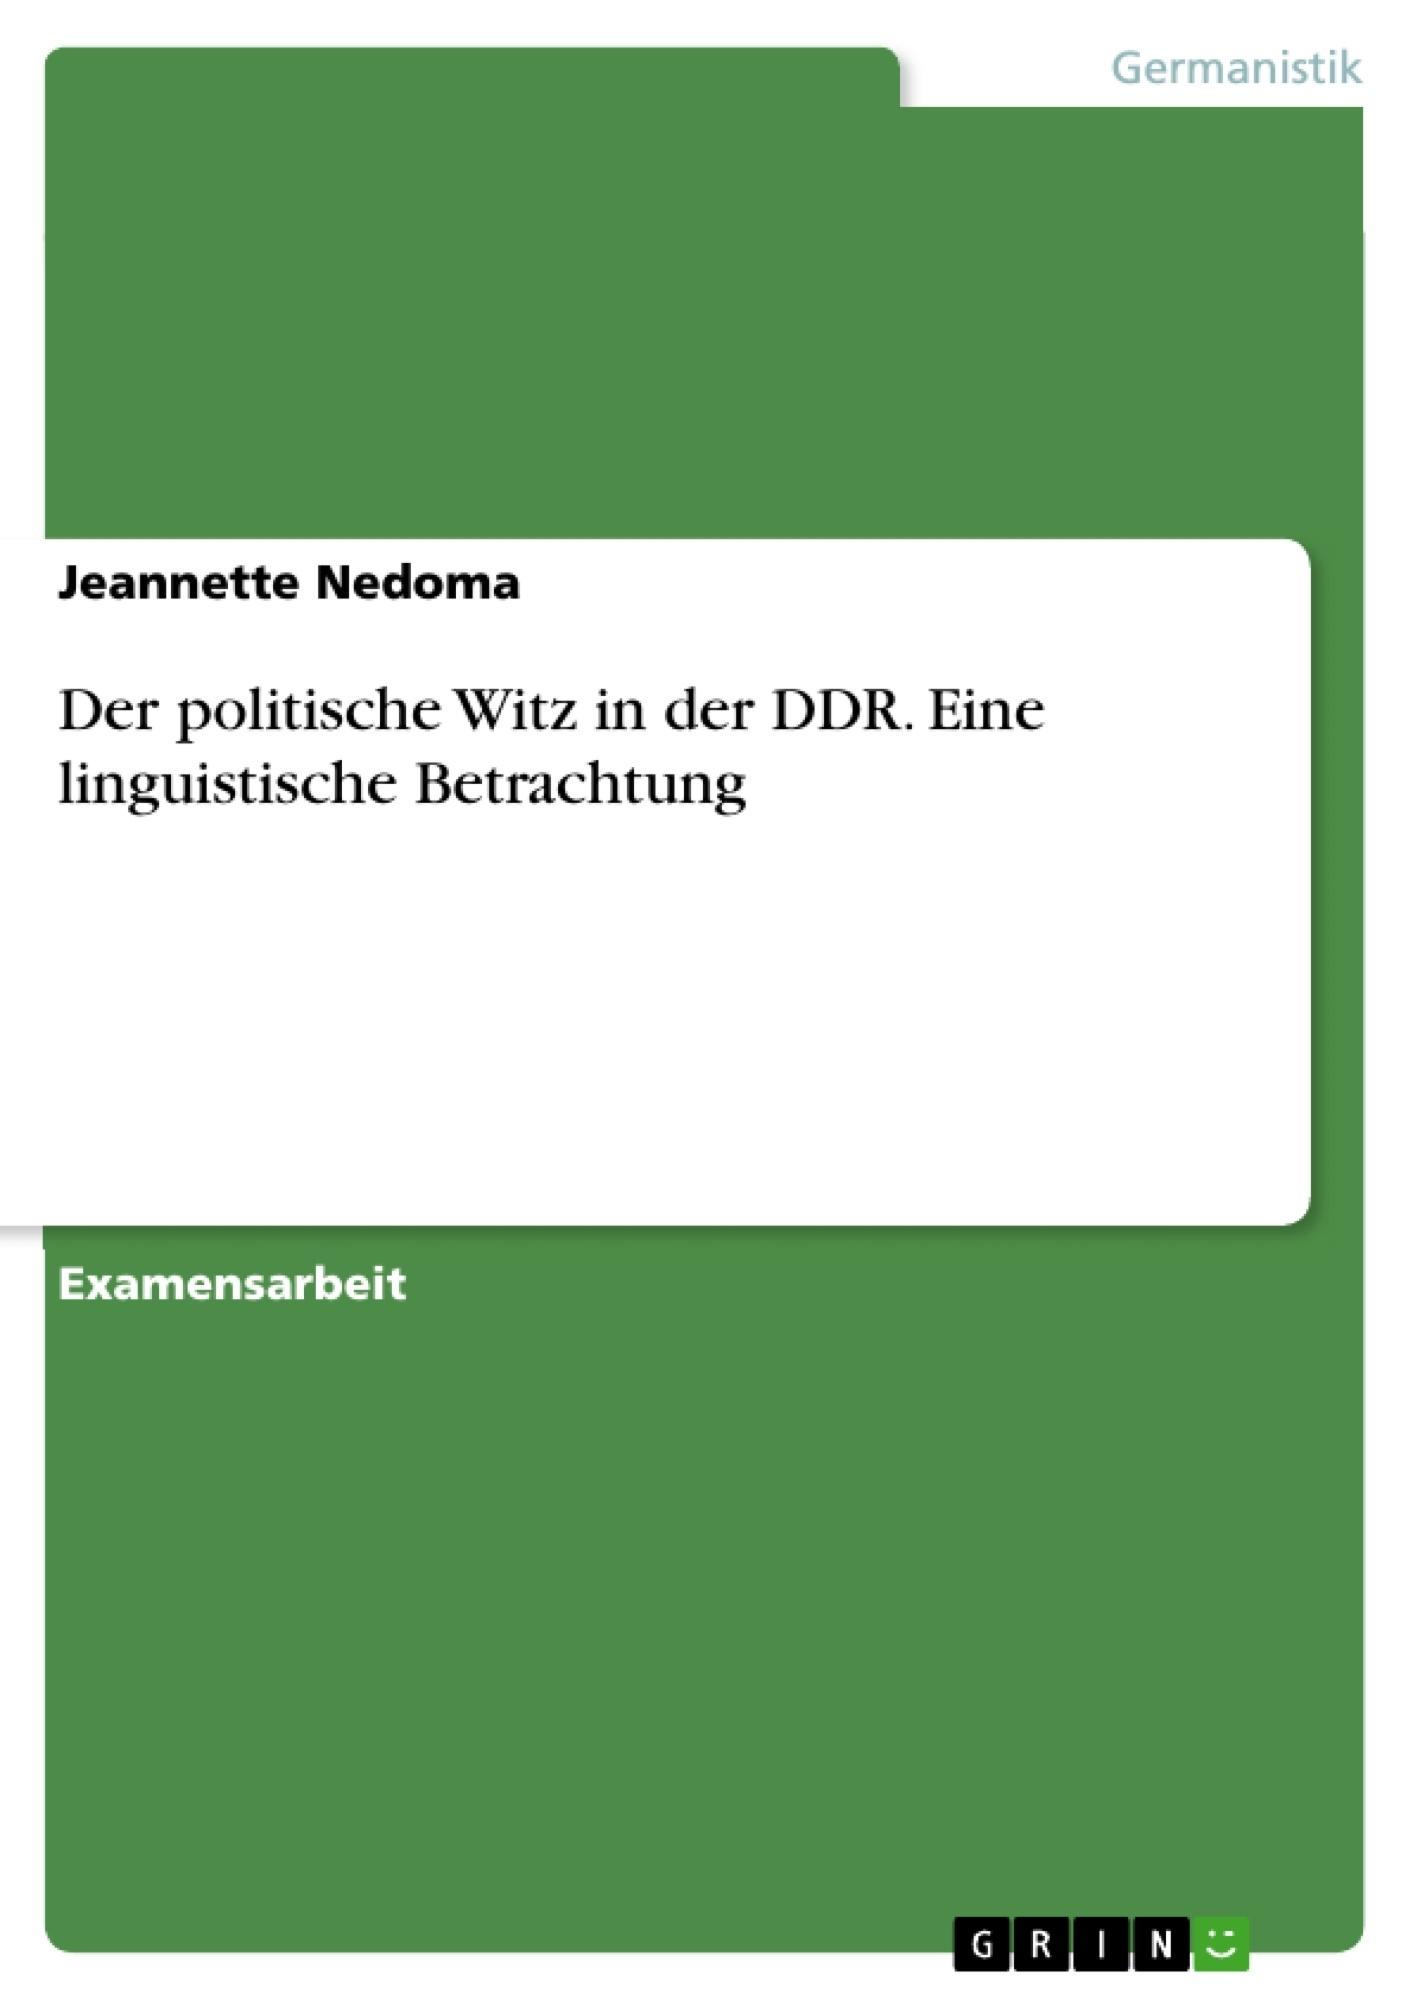 Titel: Der politische Witz in der DDR. Eine linguistische Betrachtung